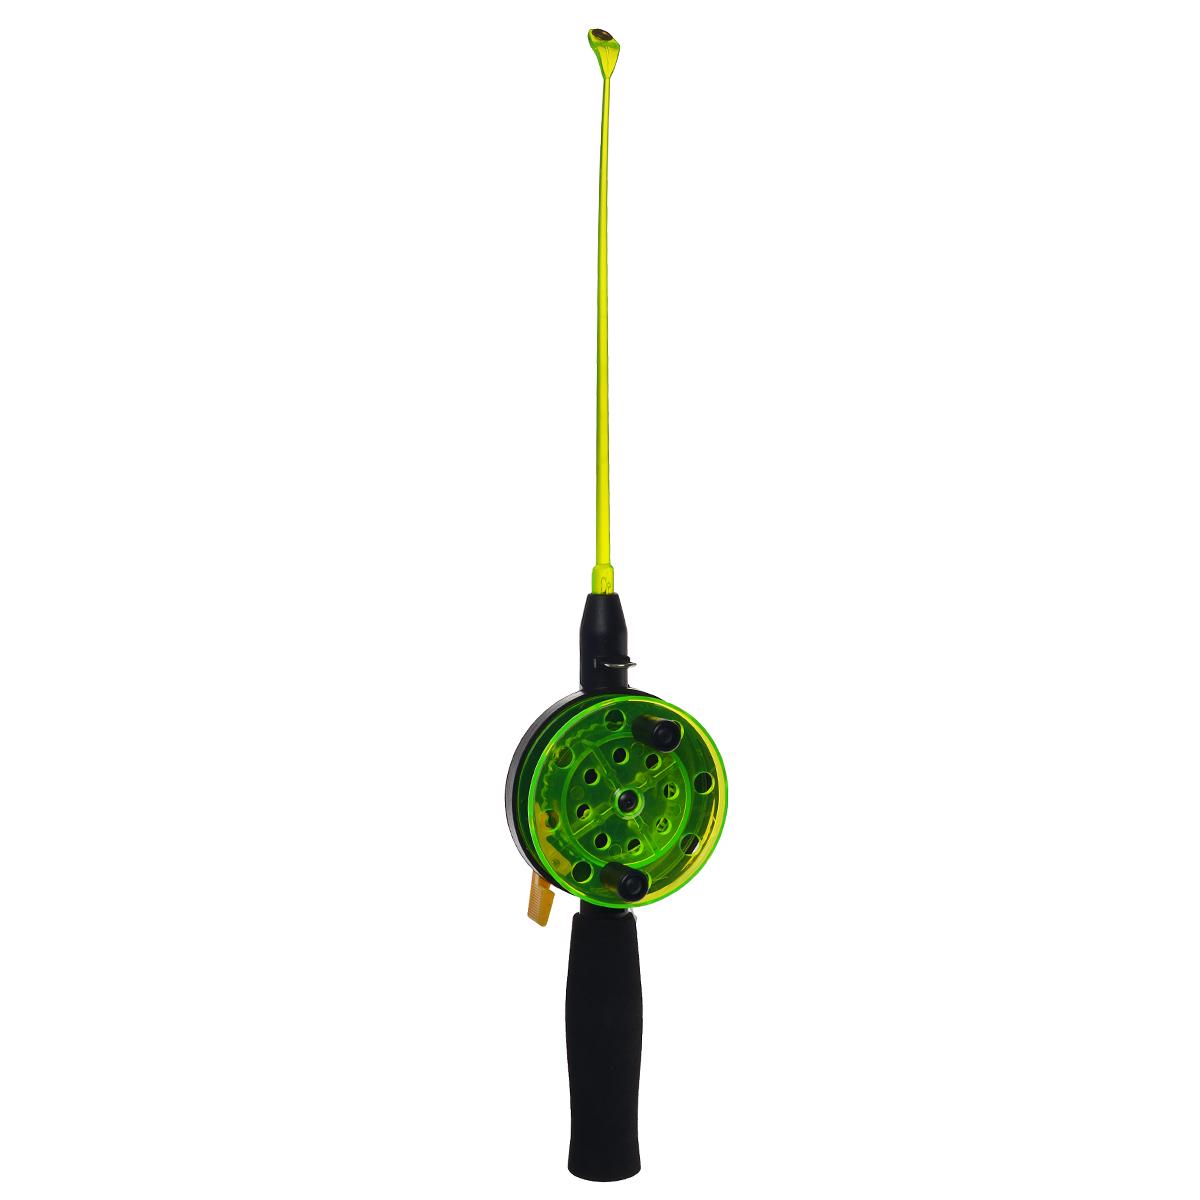 Удочка зимняя SWD HR201, цвет: черный, зеленый, 40 см. BJX0105